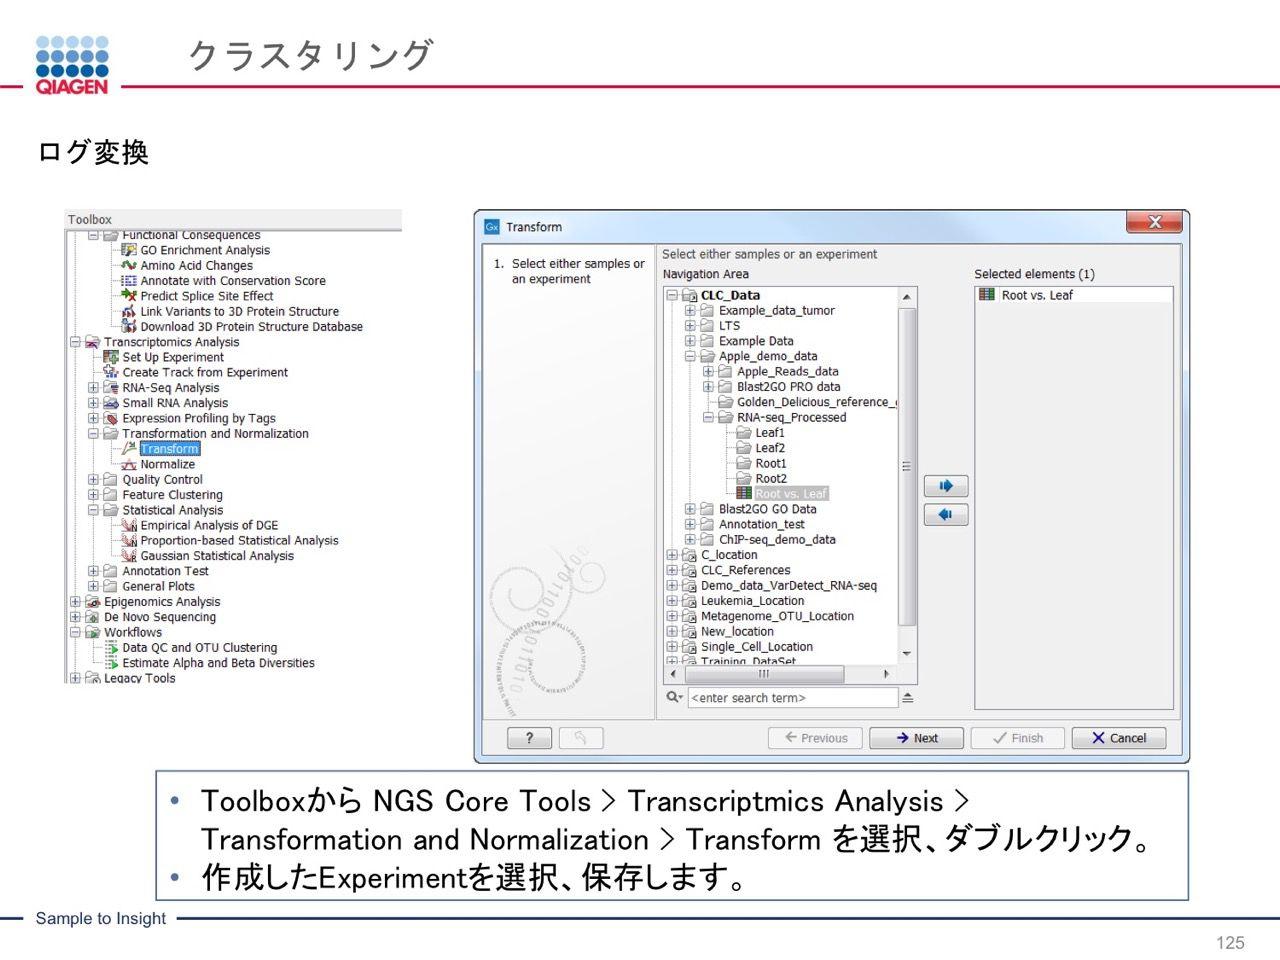 images/AJACSa2_miyamoto_125.jpg